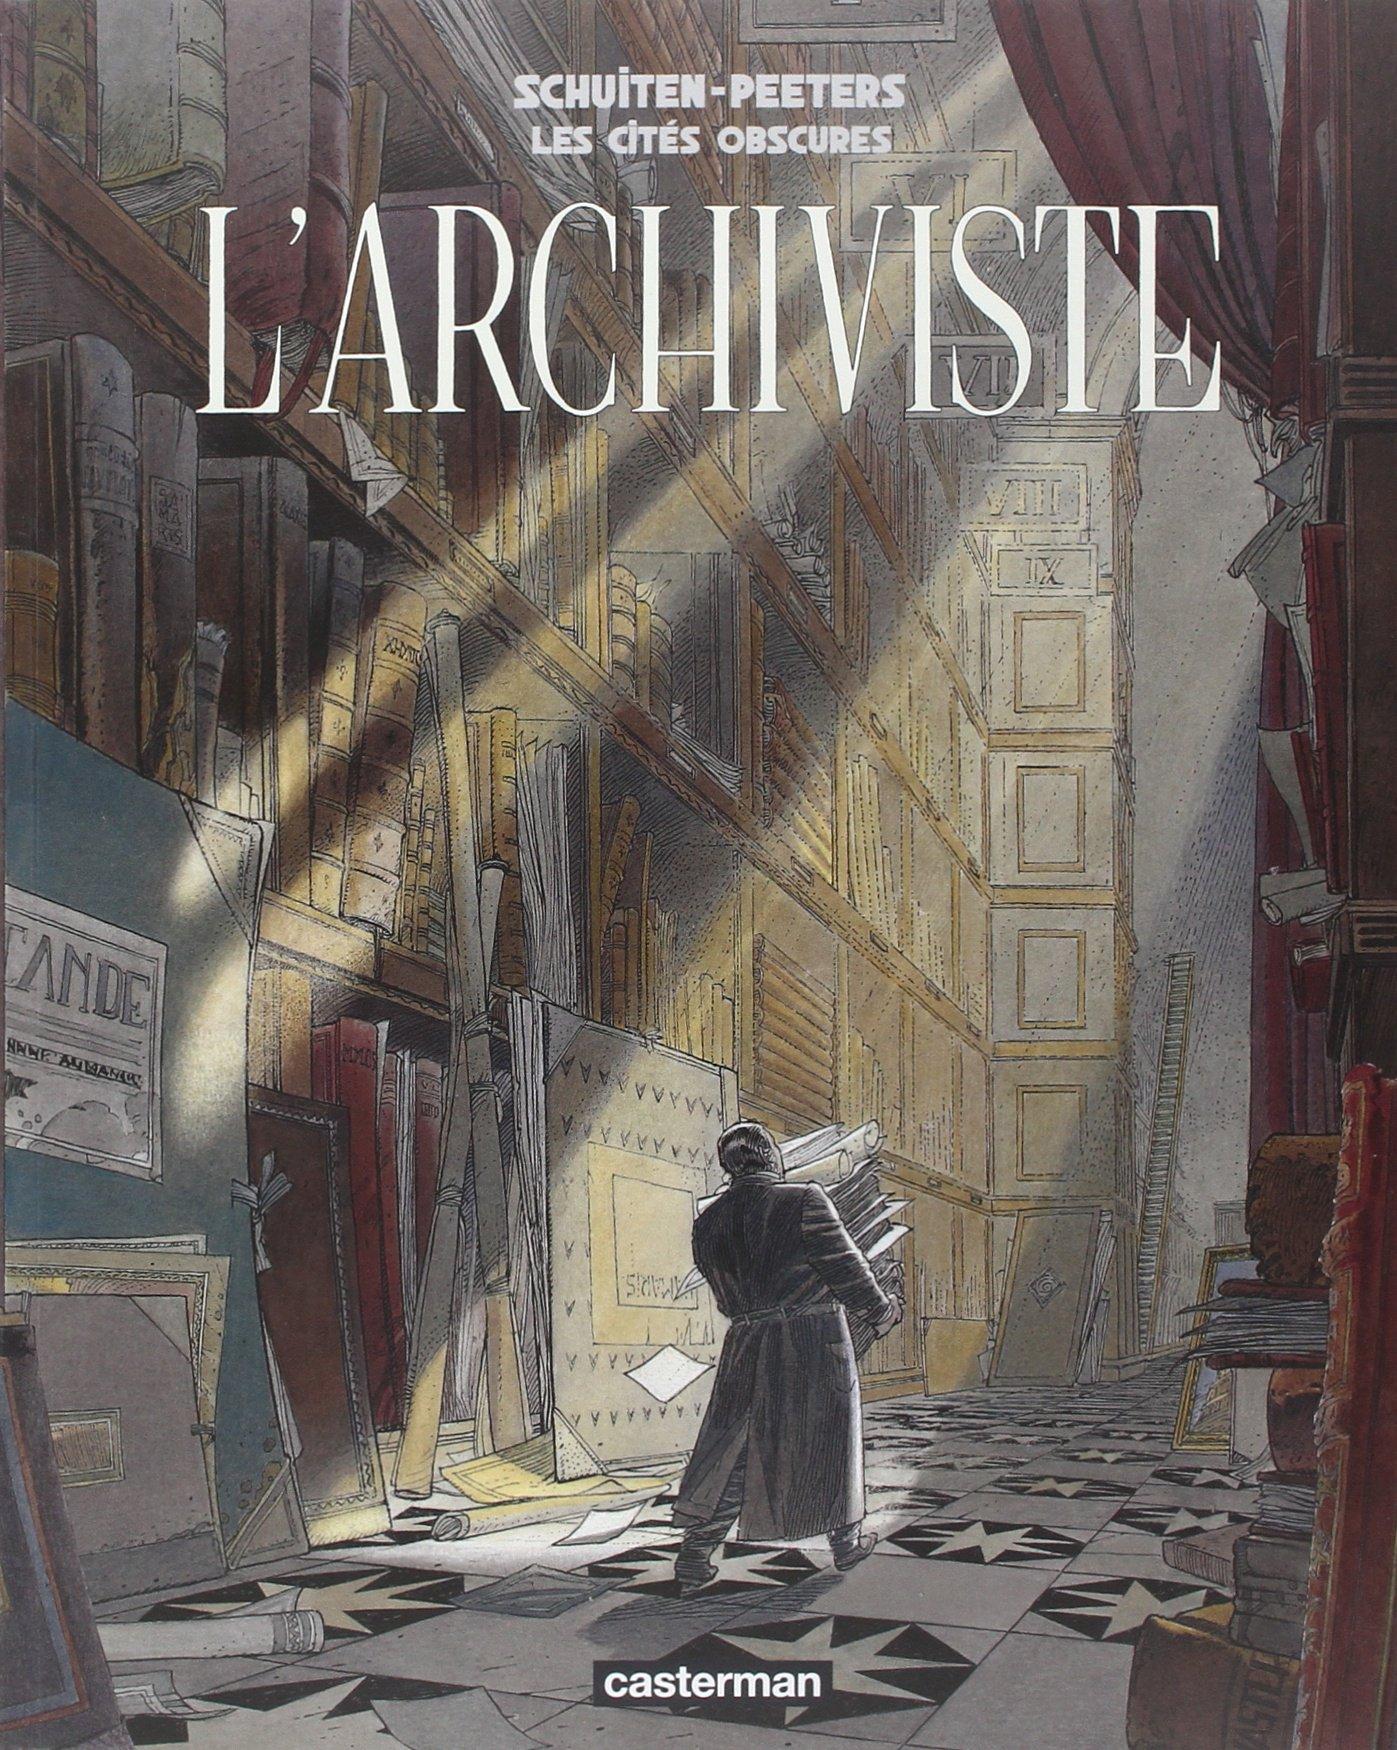 Les cités obscures : L'archiviste Album – 10 juin 2009 François Schuiten Benoît Peeters Casterman 2203020385